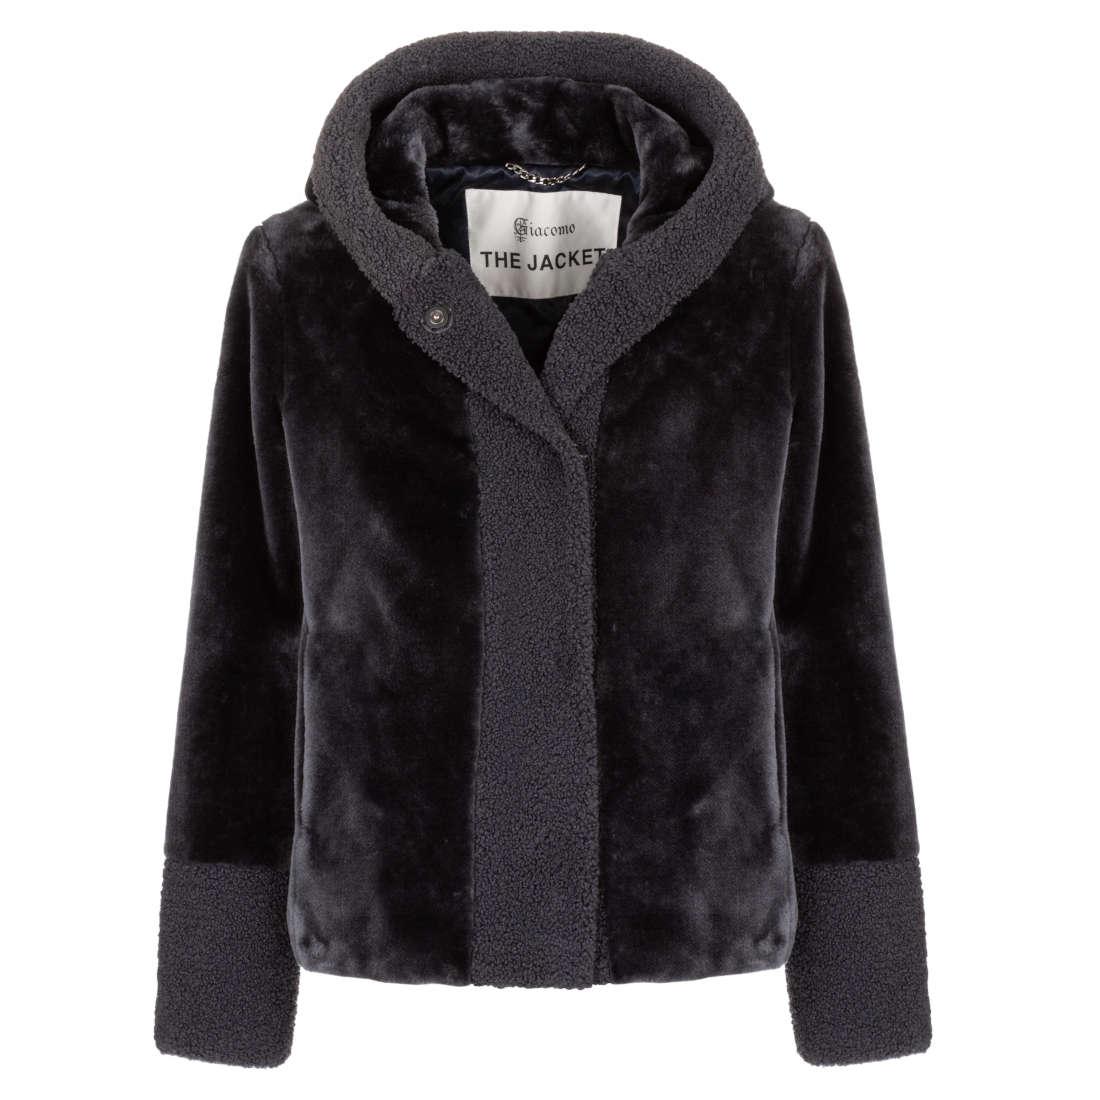 Blauw/grijze korte dames jas met capuchon Giacomo - 6513854